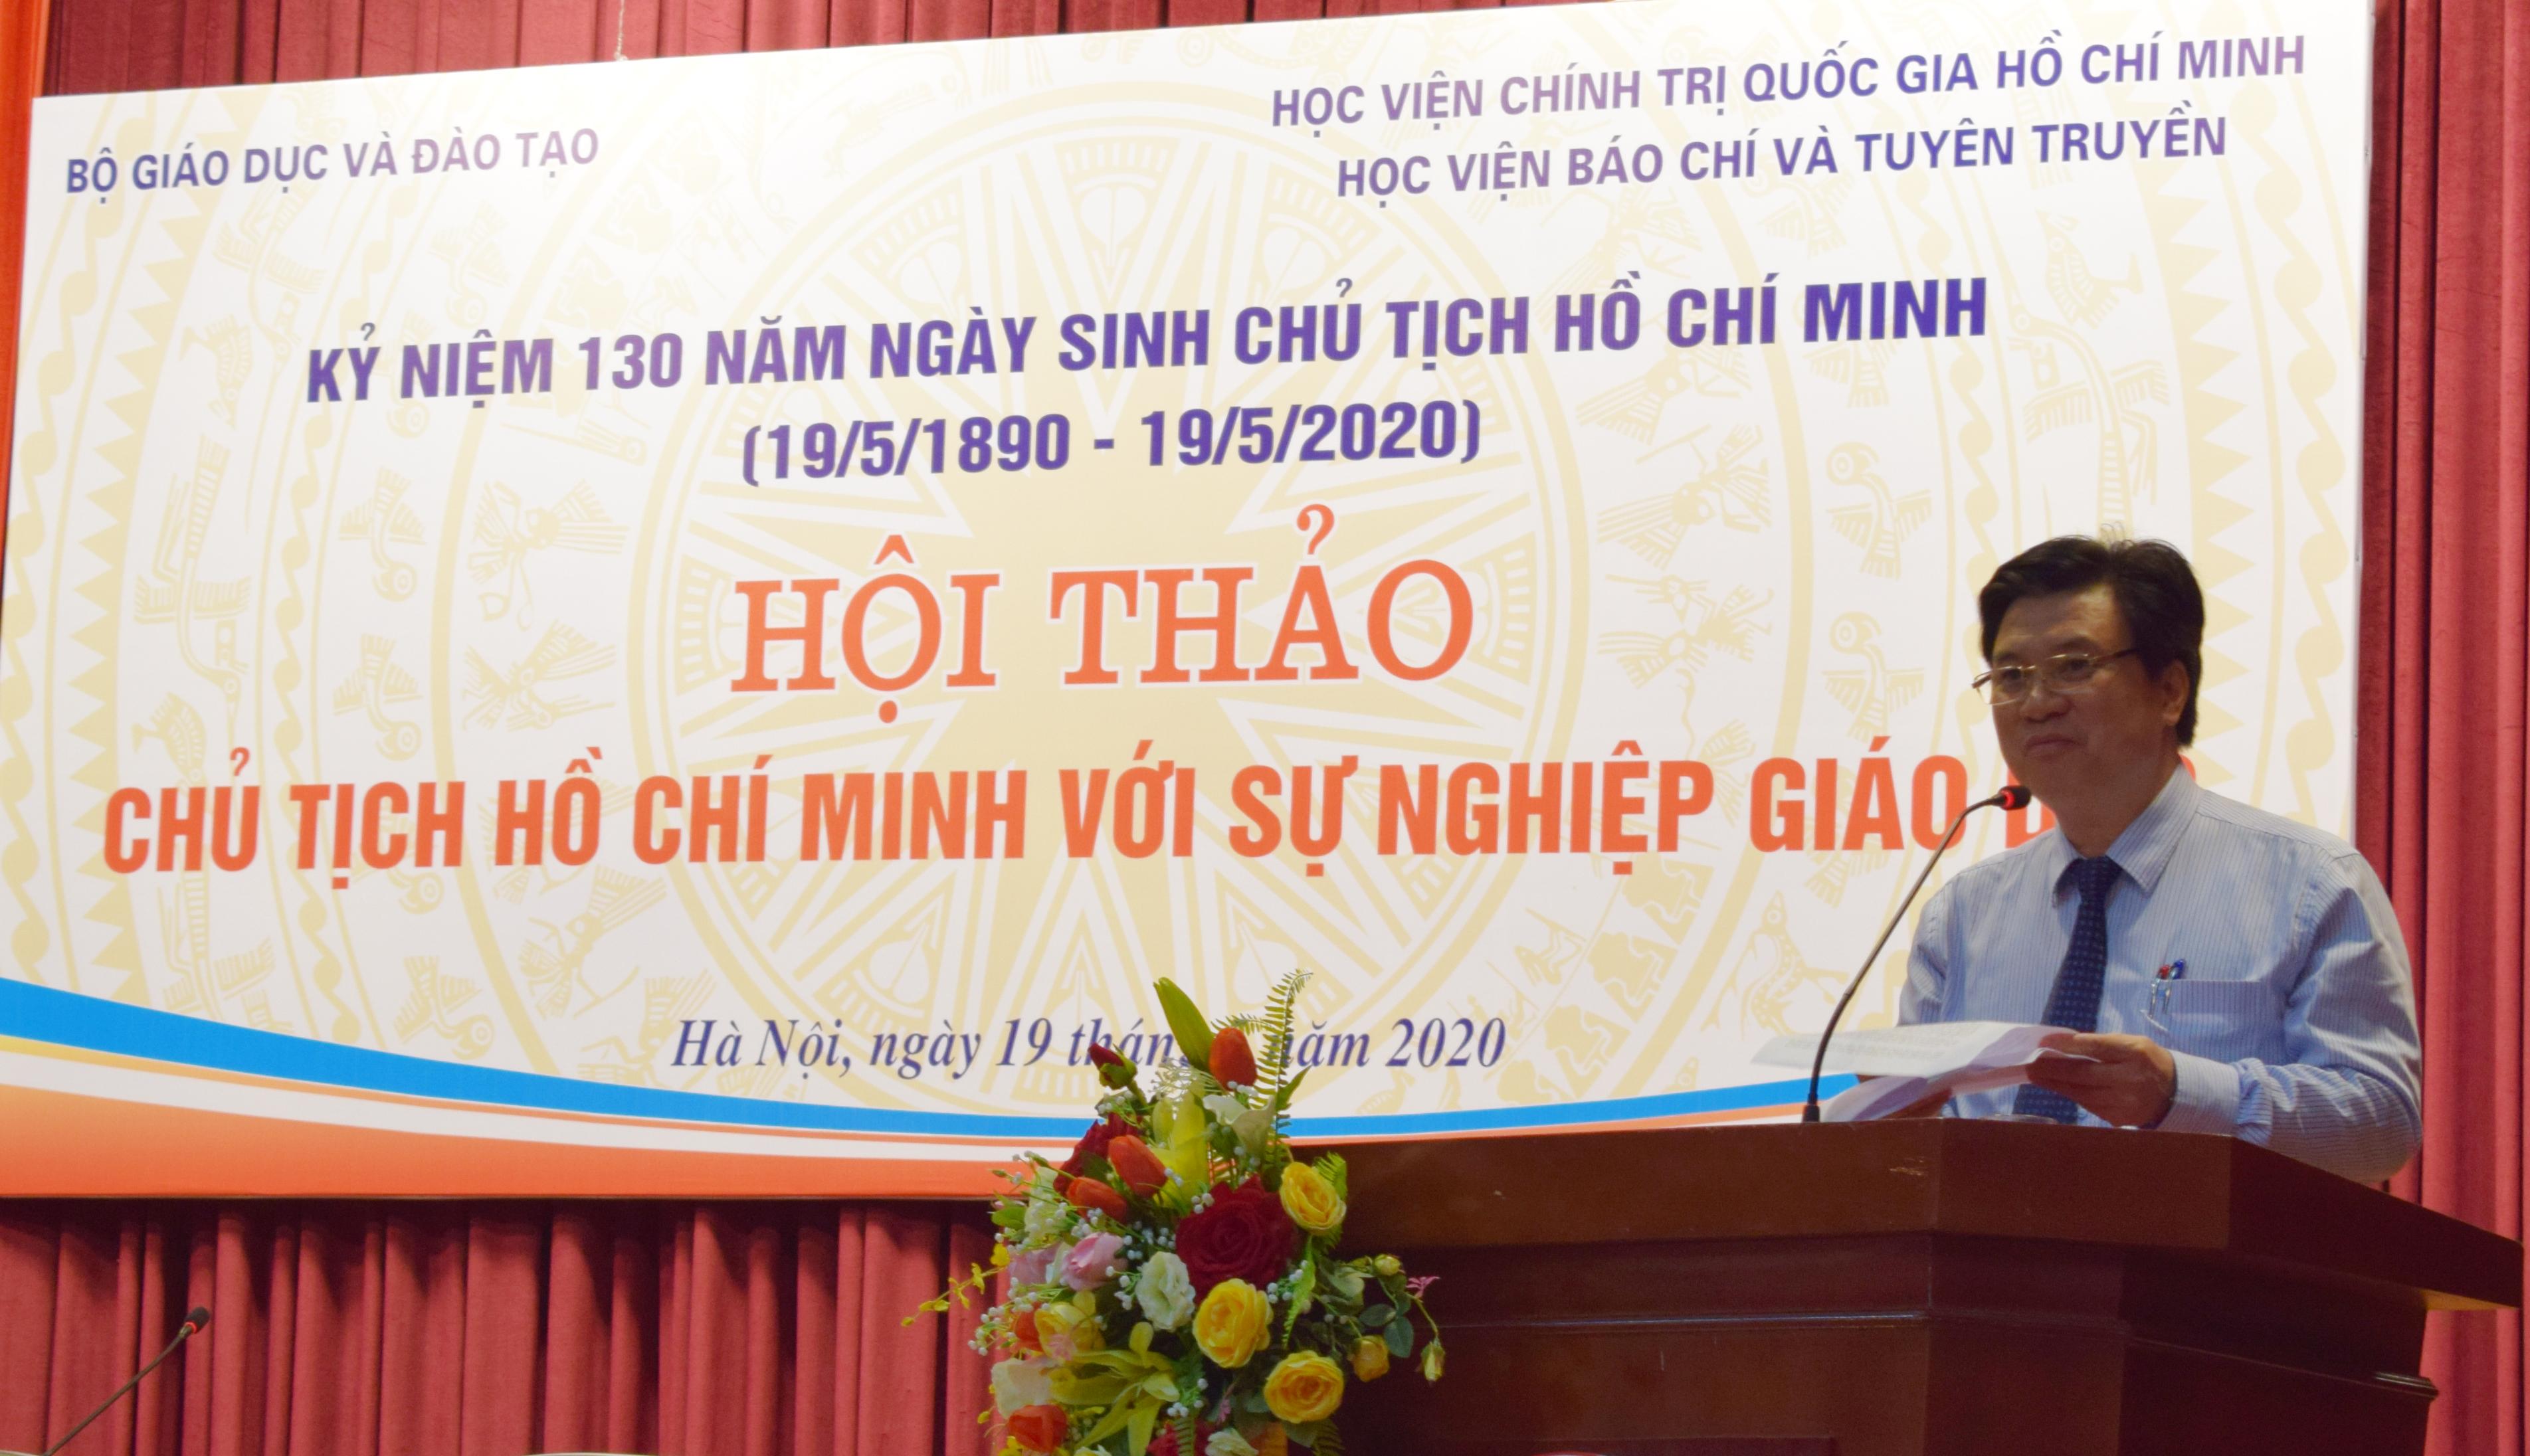 Vận dụng sáng tạo tư tưởng của Hồ Chí Minh về giáo dục